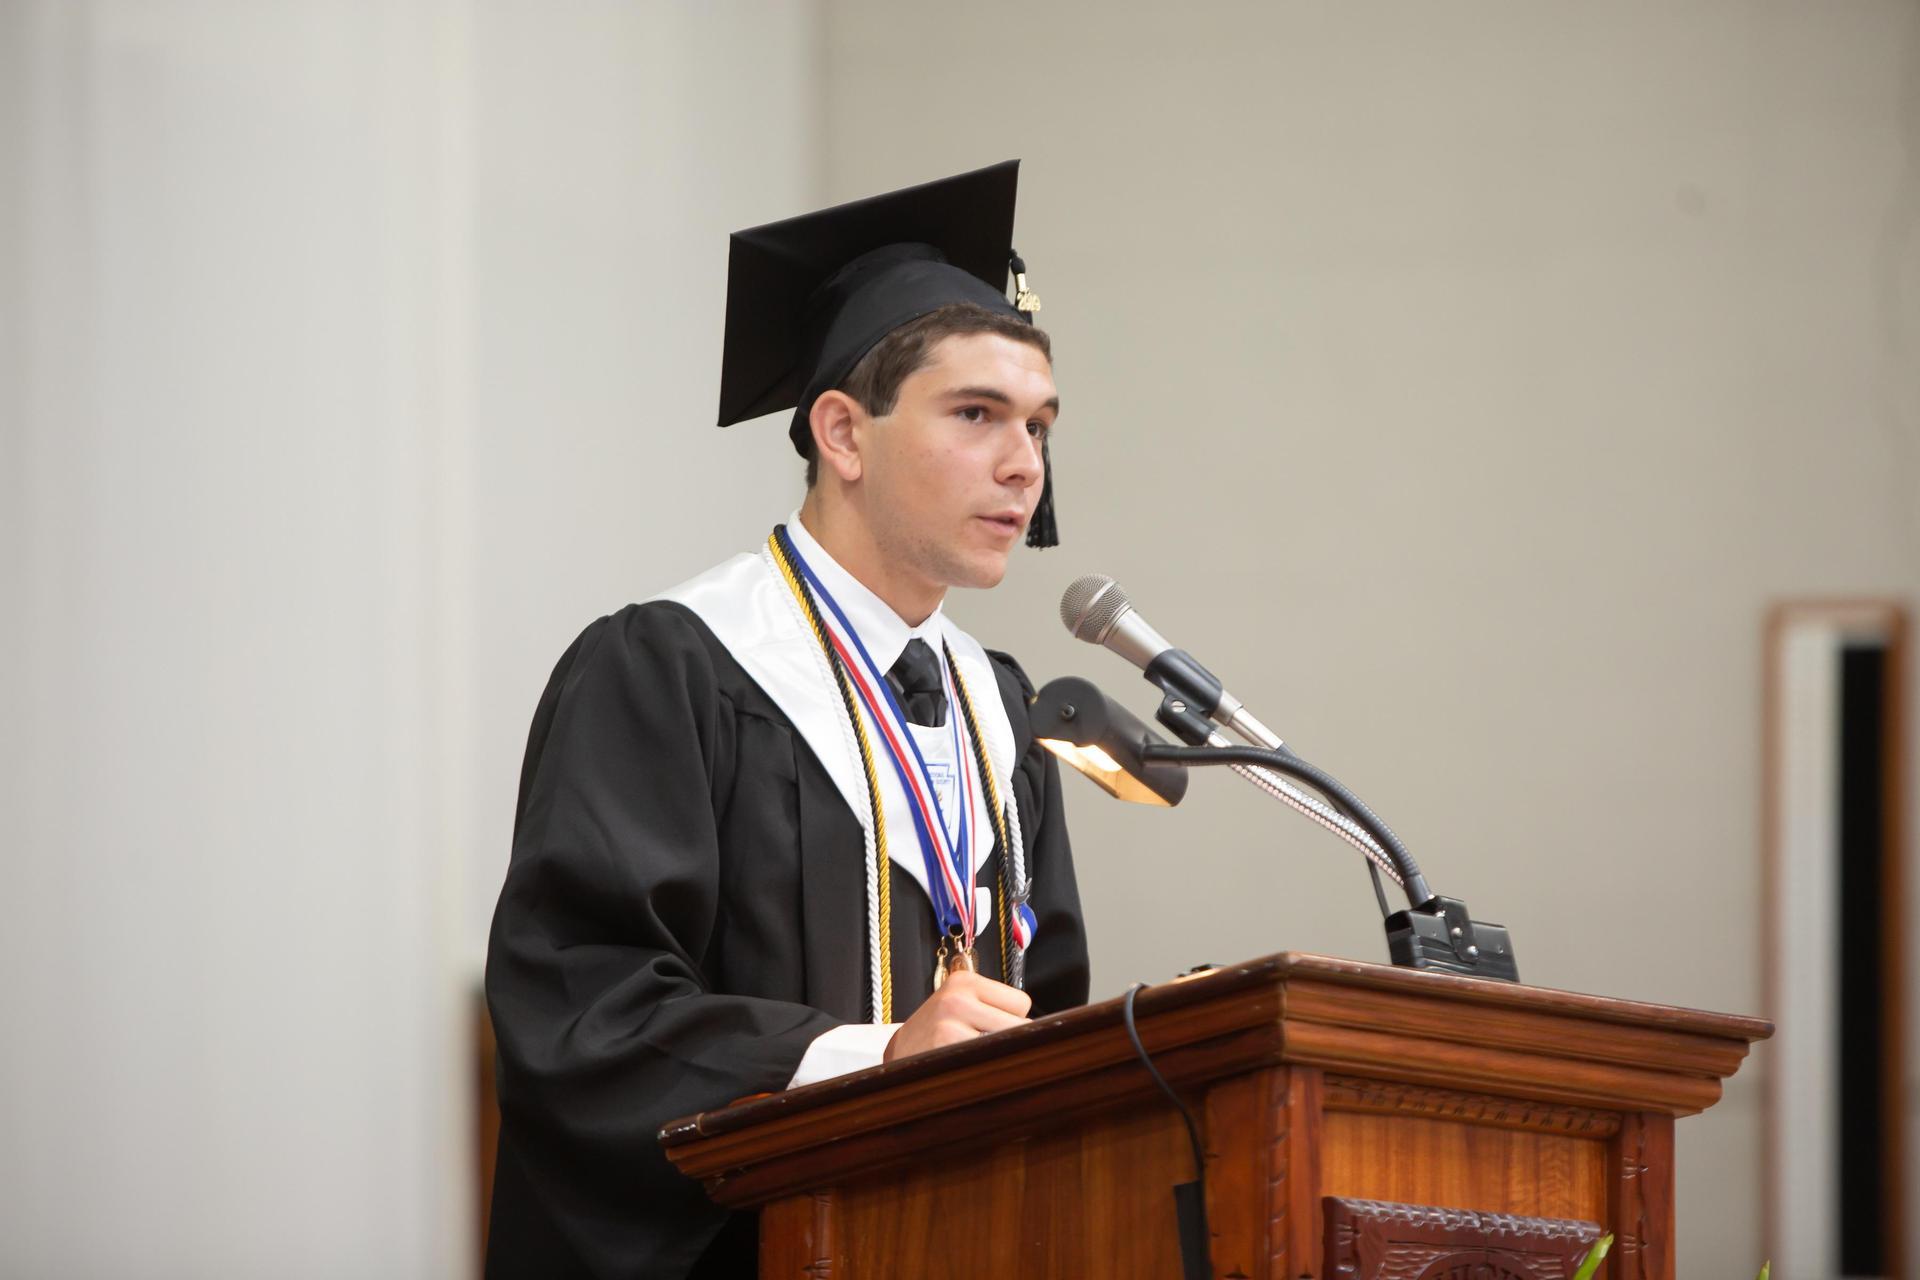 Julen Lujambio, 2019 valedictorian